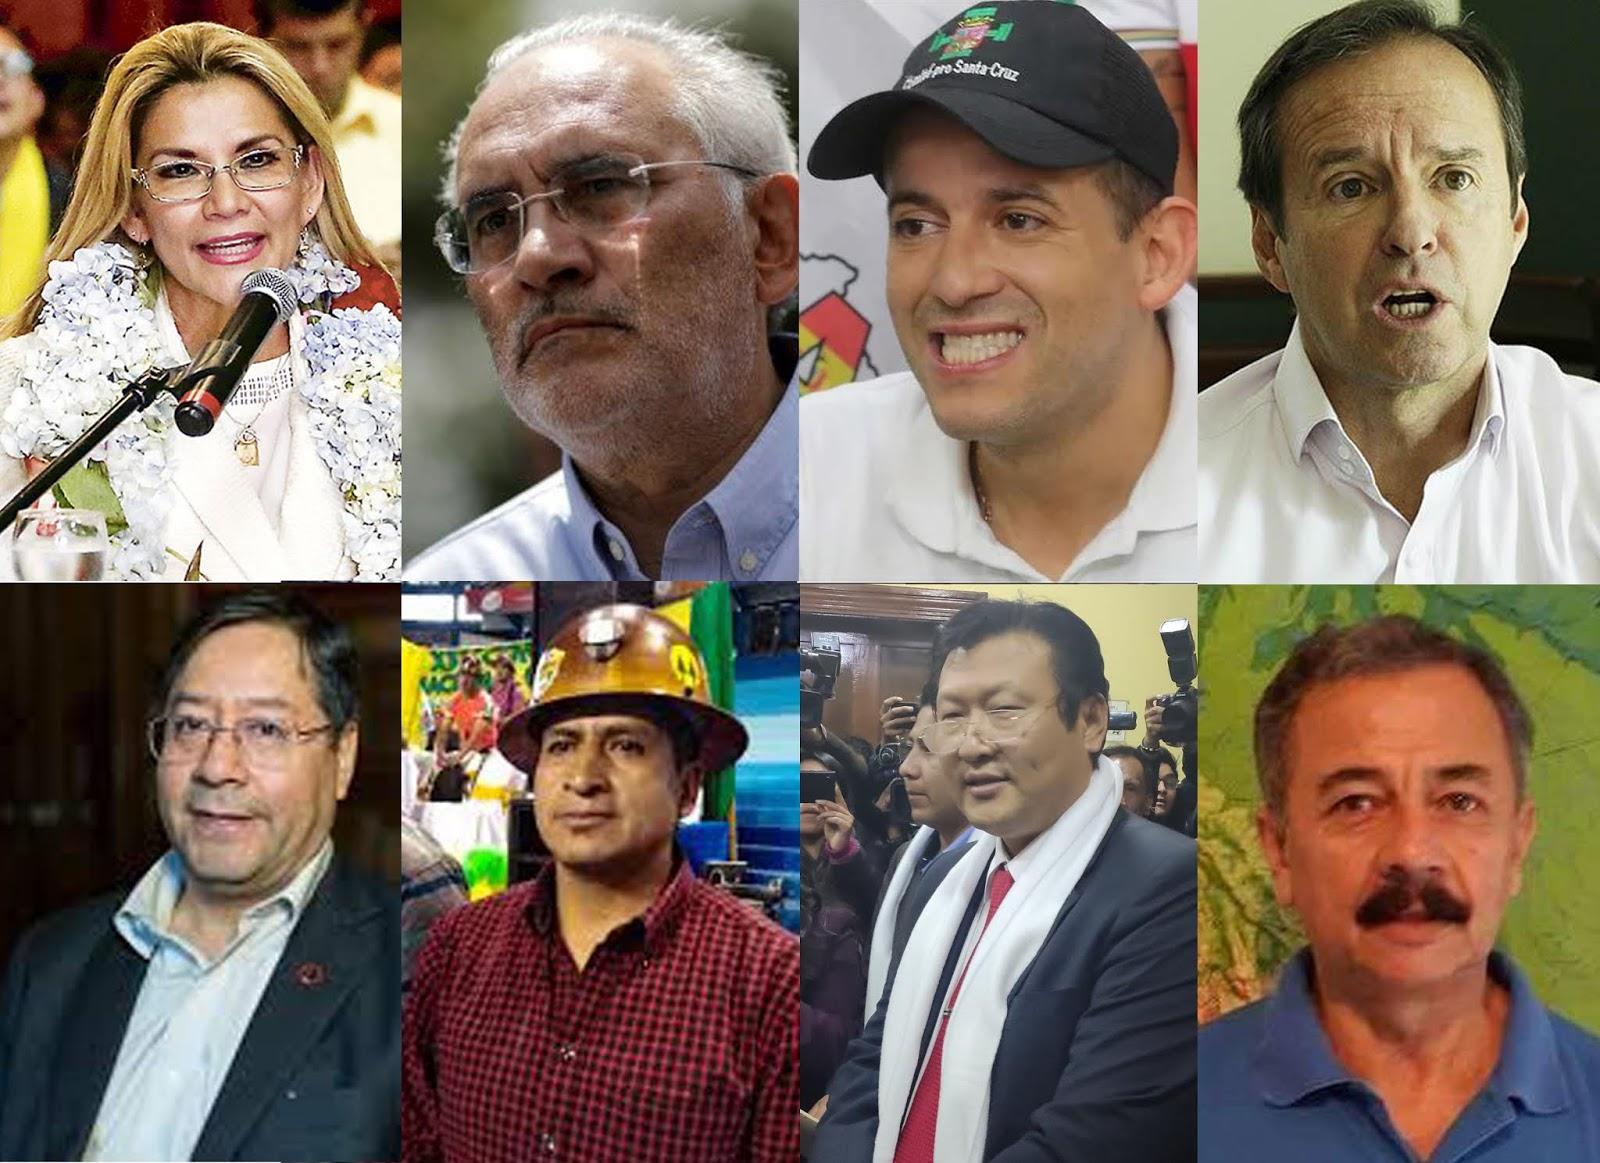 Los ocho presidenciables arrancan la campaña proselitista hoy / WEB MONTAJE